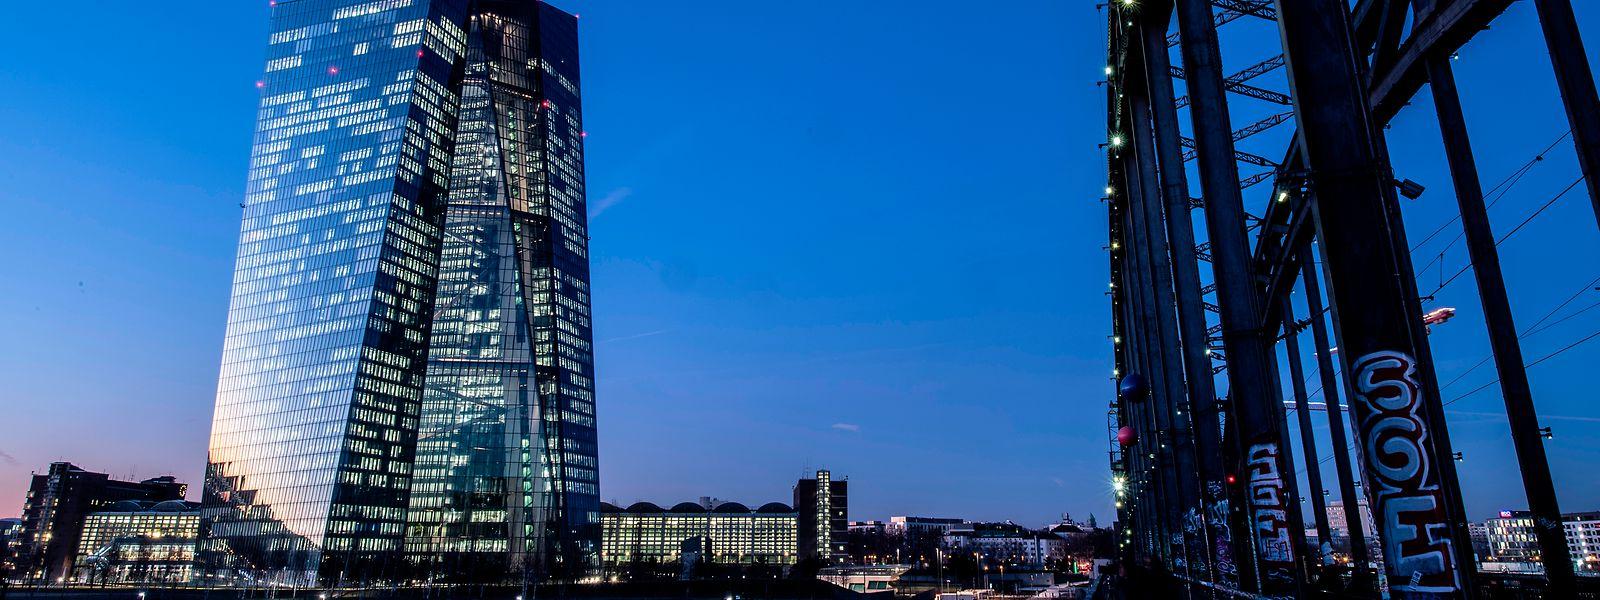 Frankfurt/Main: Die Lichter in den Büros der Europäischen Zentralbank (EZB) leuchten im letzten Licht des Tages.